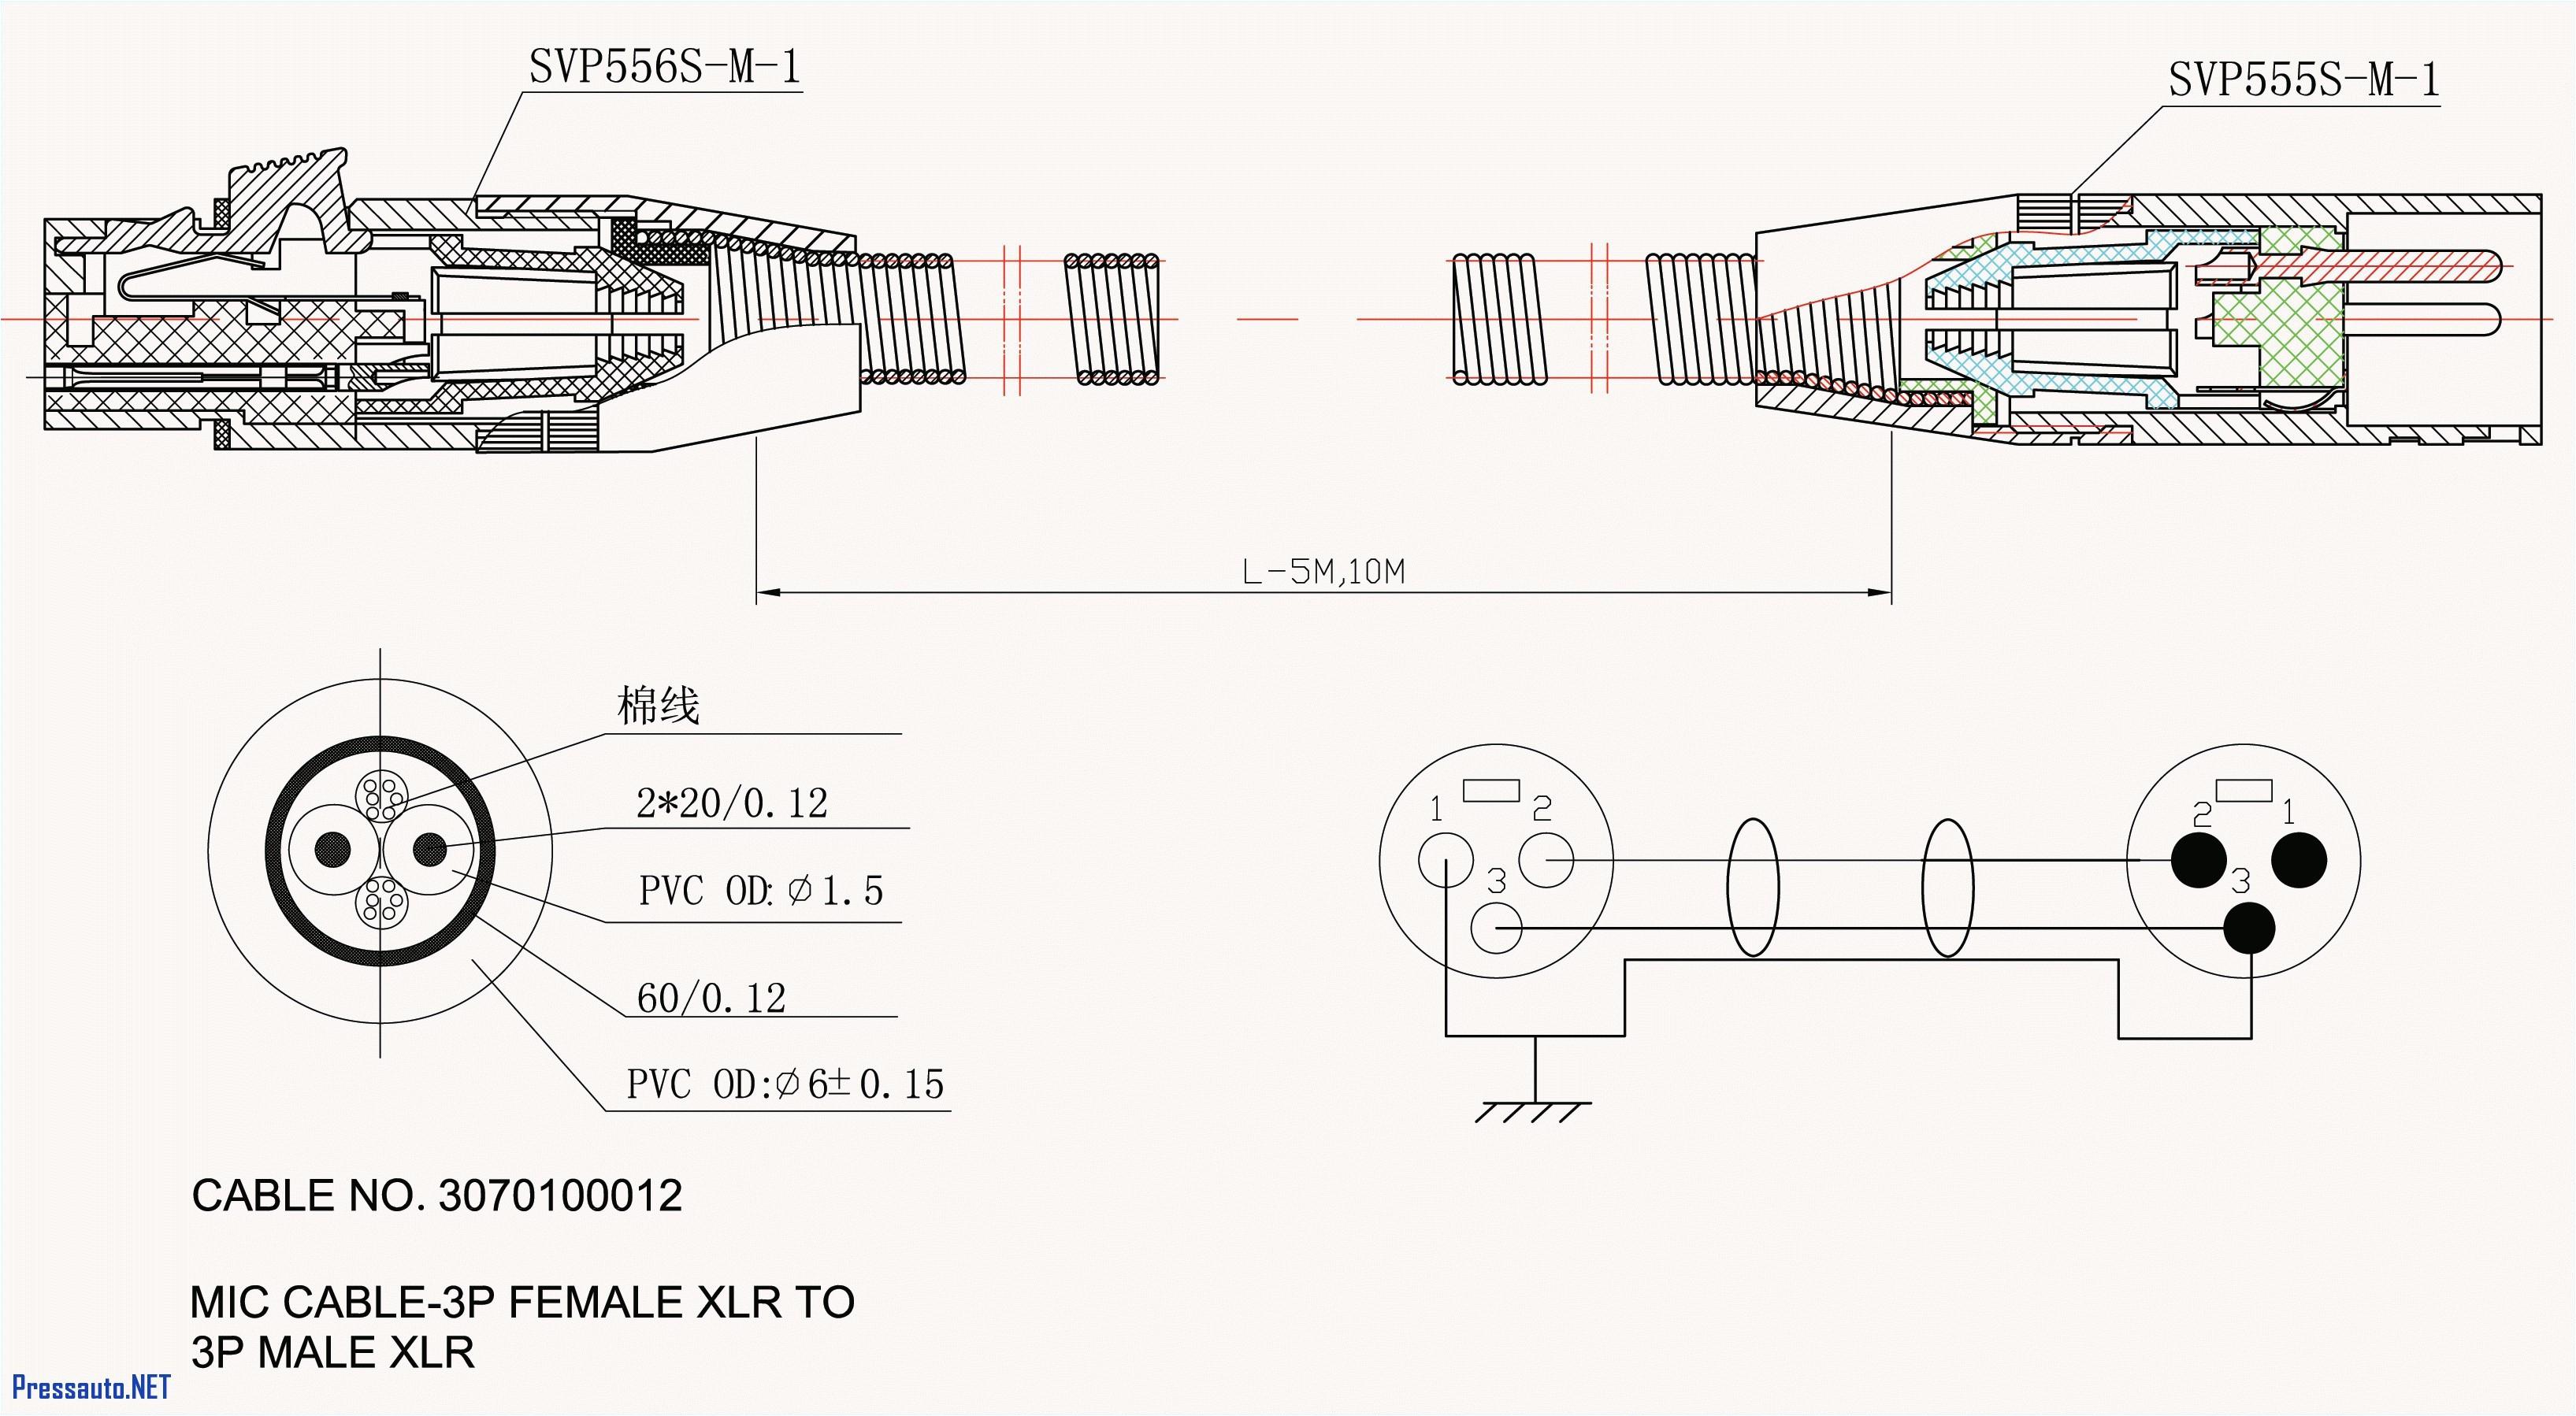 0 5 mustang tach wiring wiring diagram img 0 5 mustang tach wiring wiring diagram load